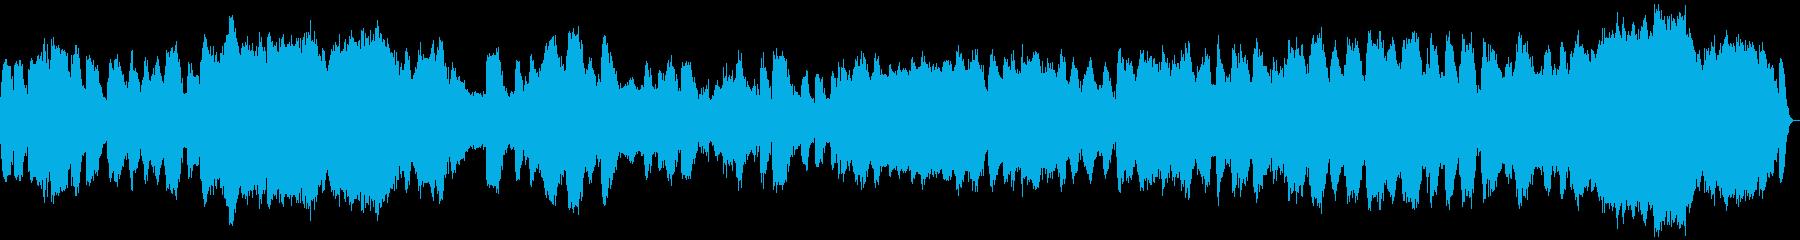 【瞑想用音楽】大自然の一部となるイメージの再生済みの波形